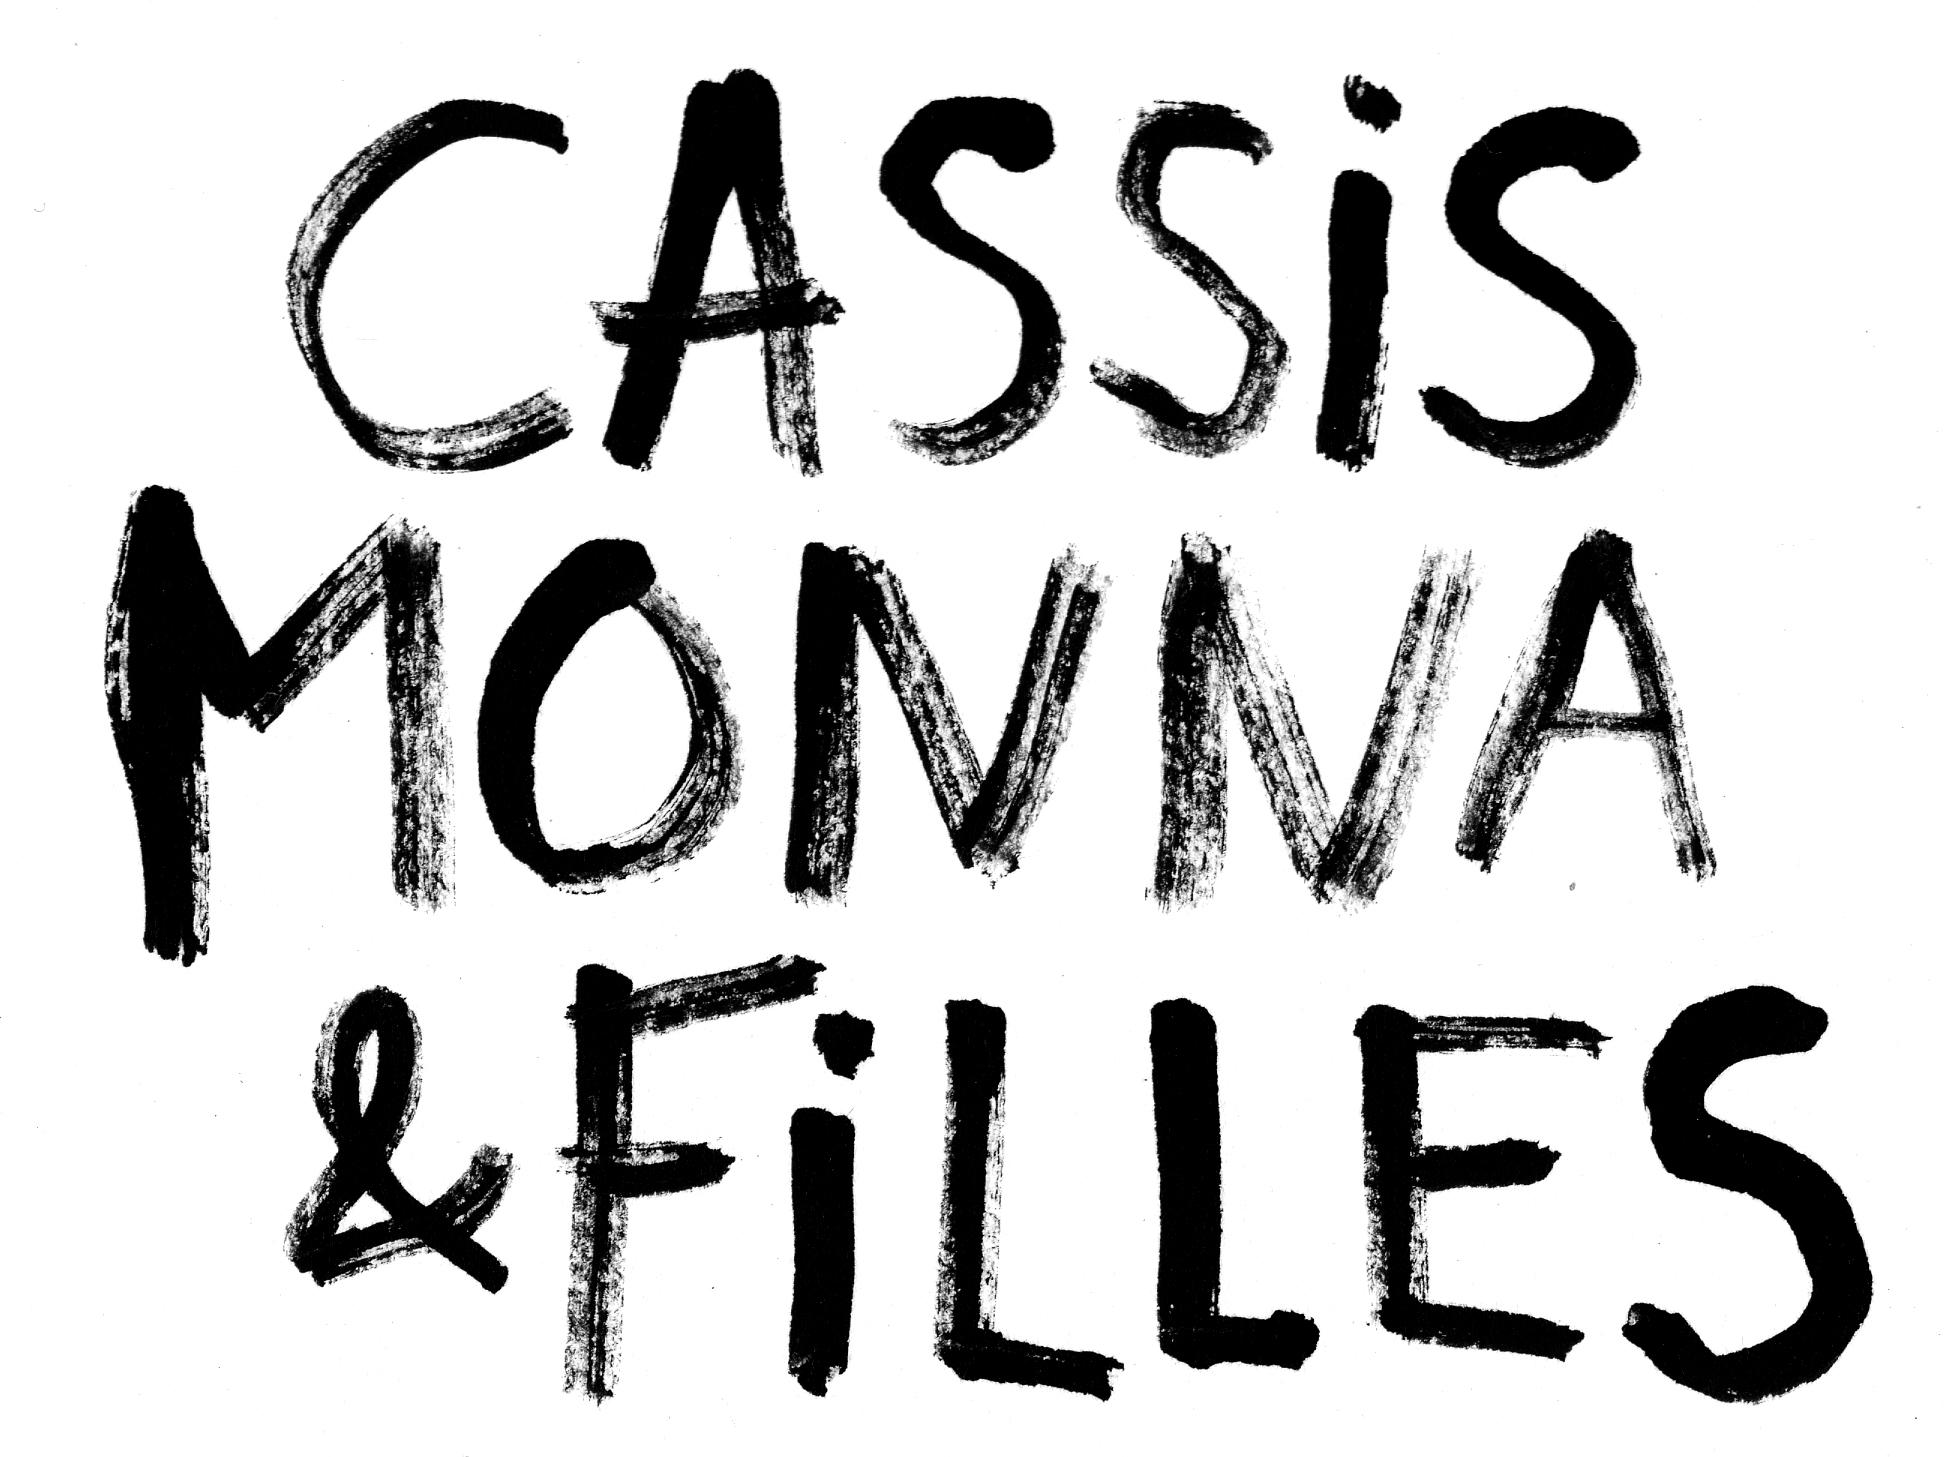 original_logo_Cassis.jpg